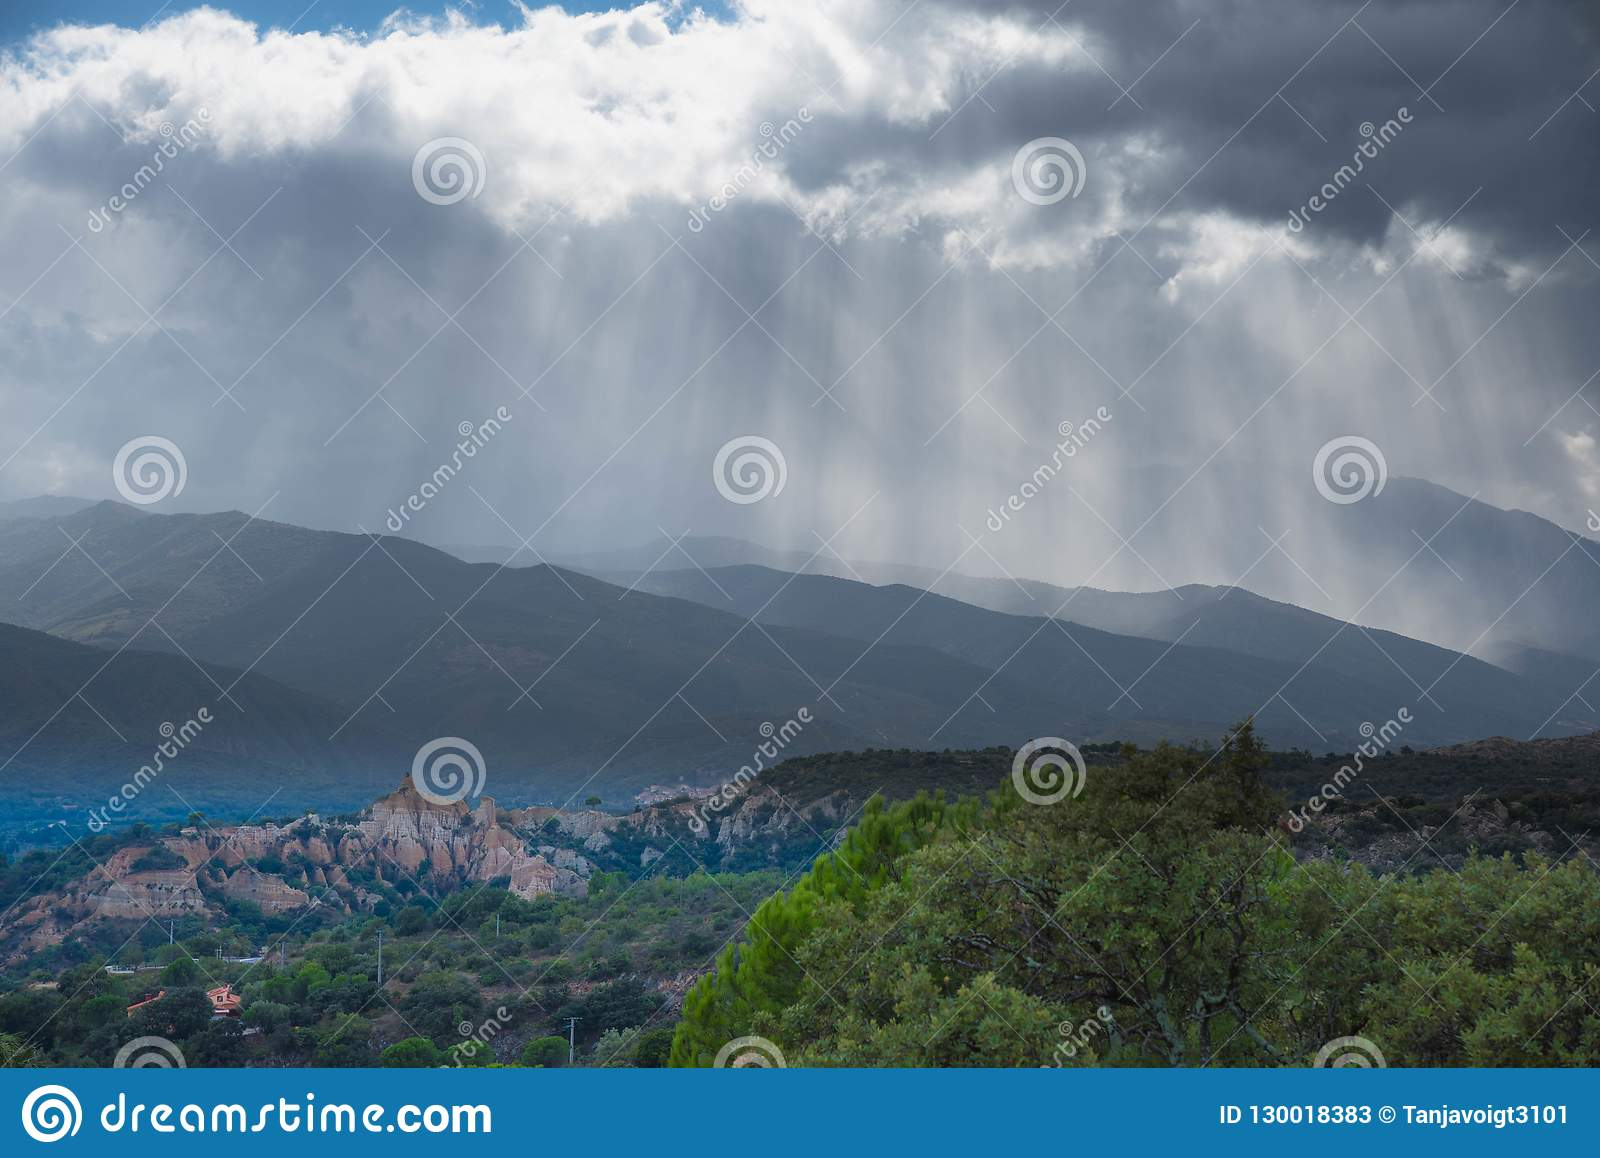 Malade-sur-Tet dans les montagnes de Pyrénées en France